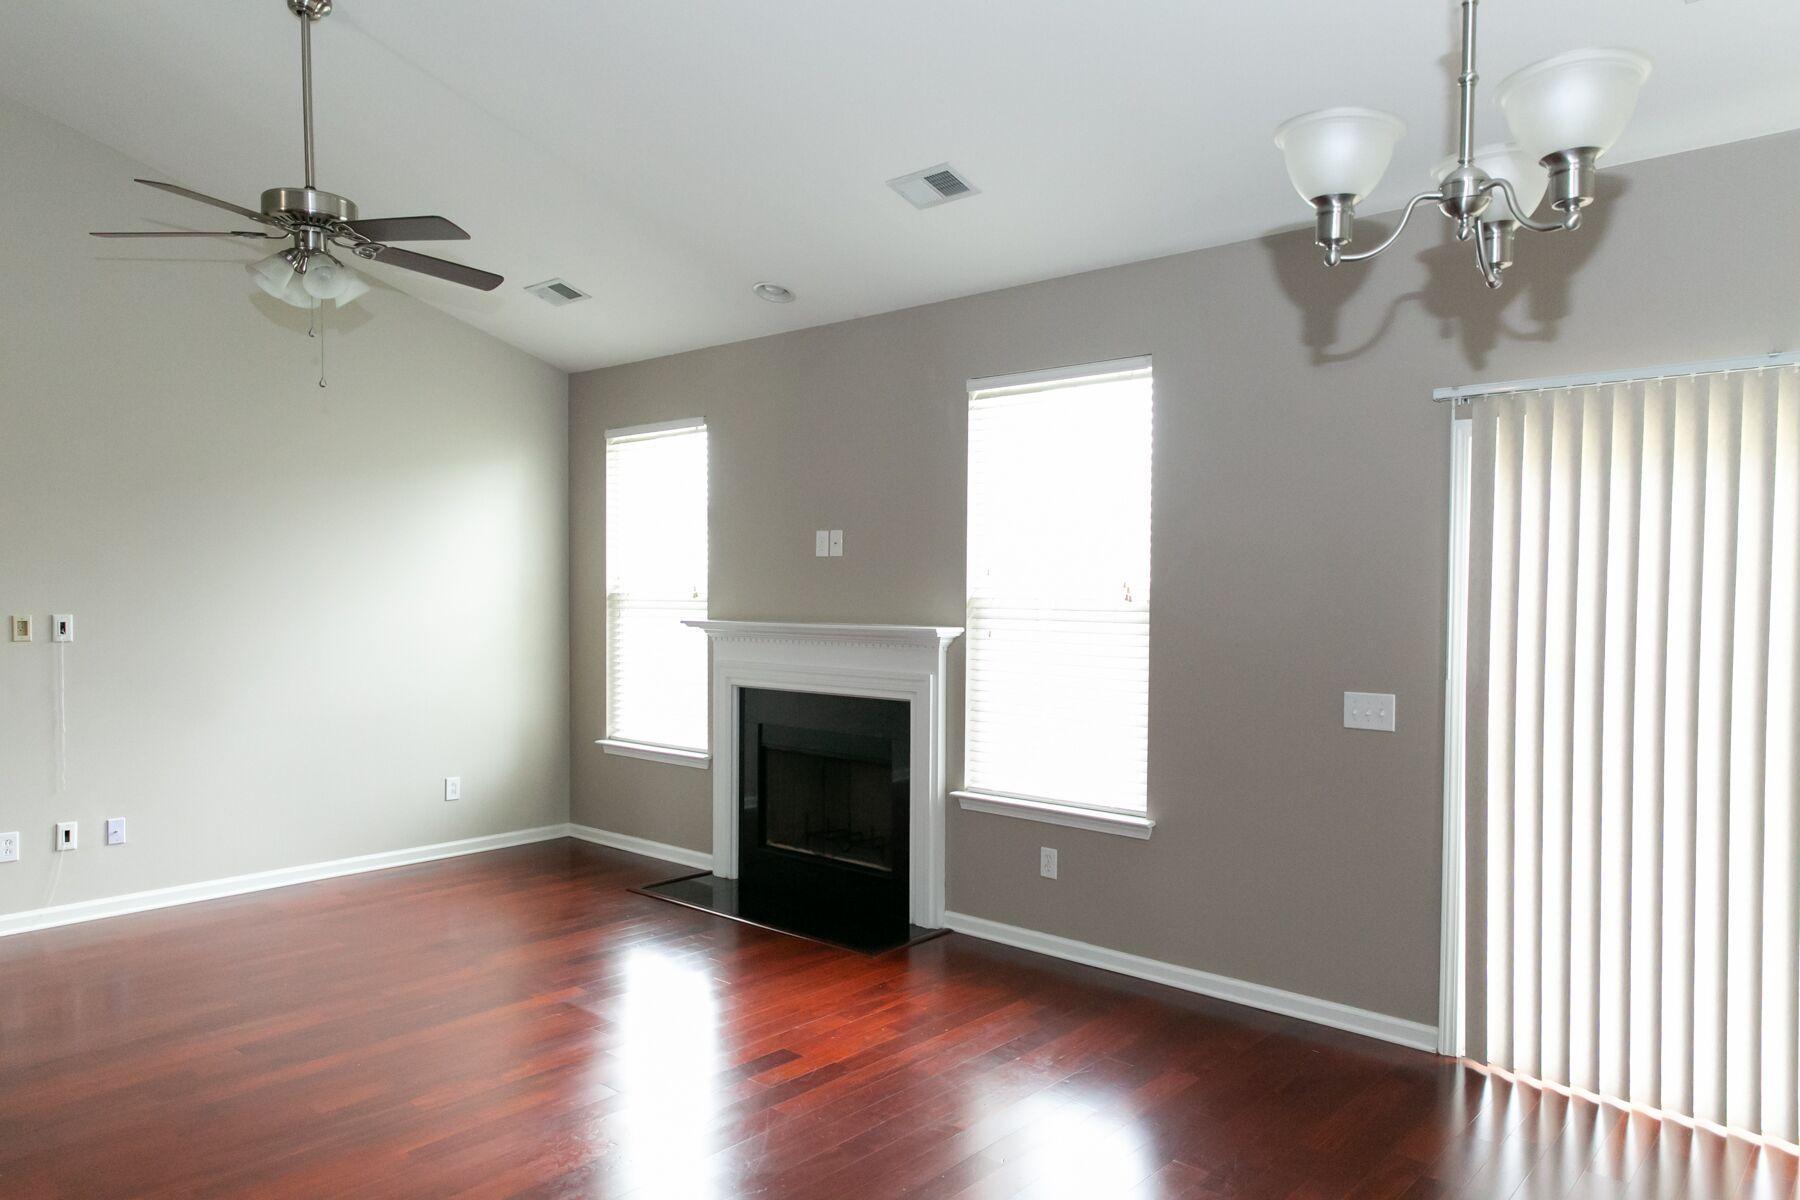 Royal Oaks Homes For Sale - 127 Satur, Goose Creek, SC - 0